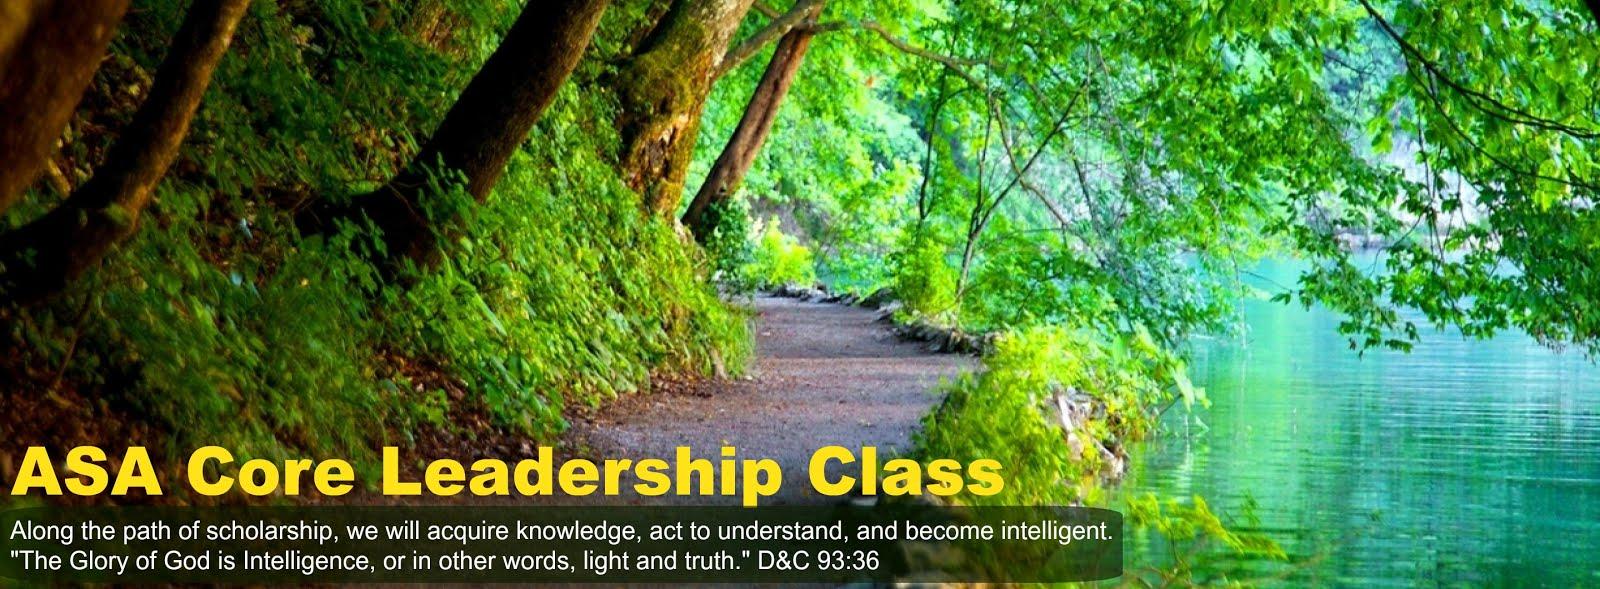 ASA Core Leadership Class 2016-17